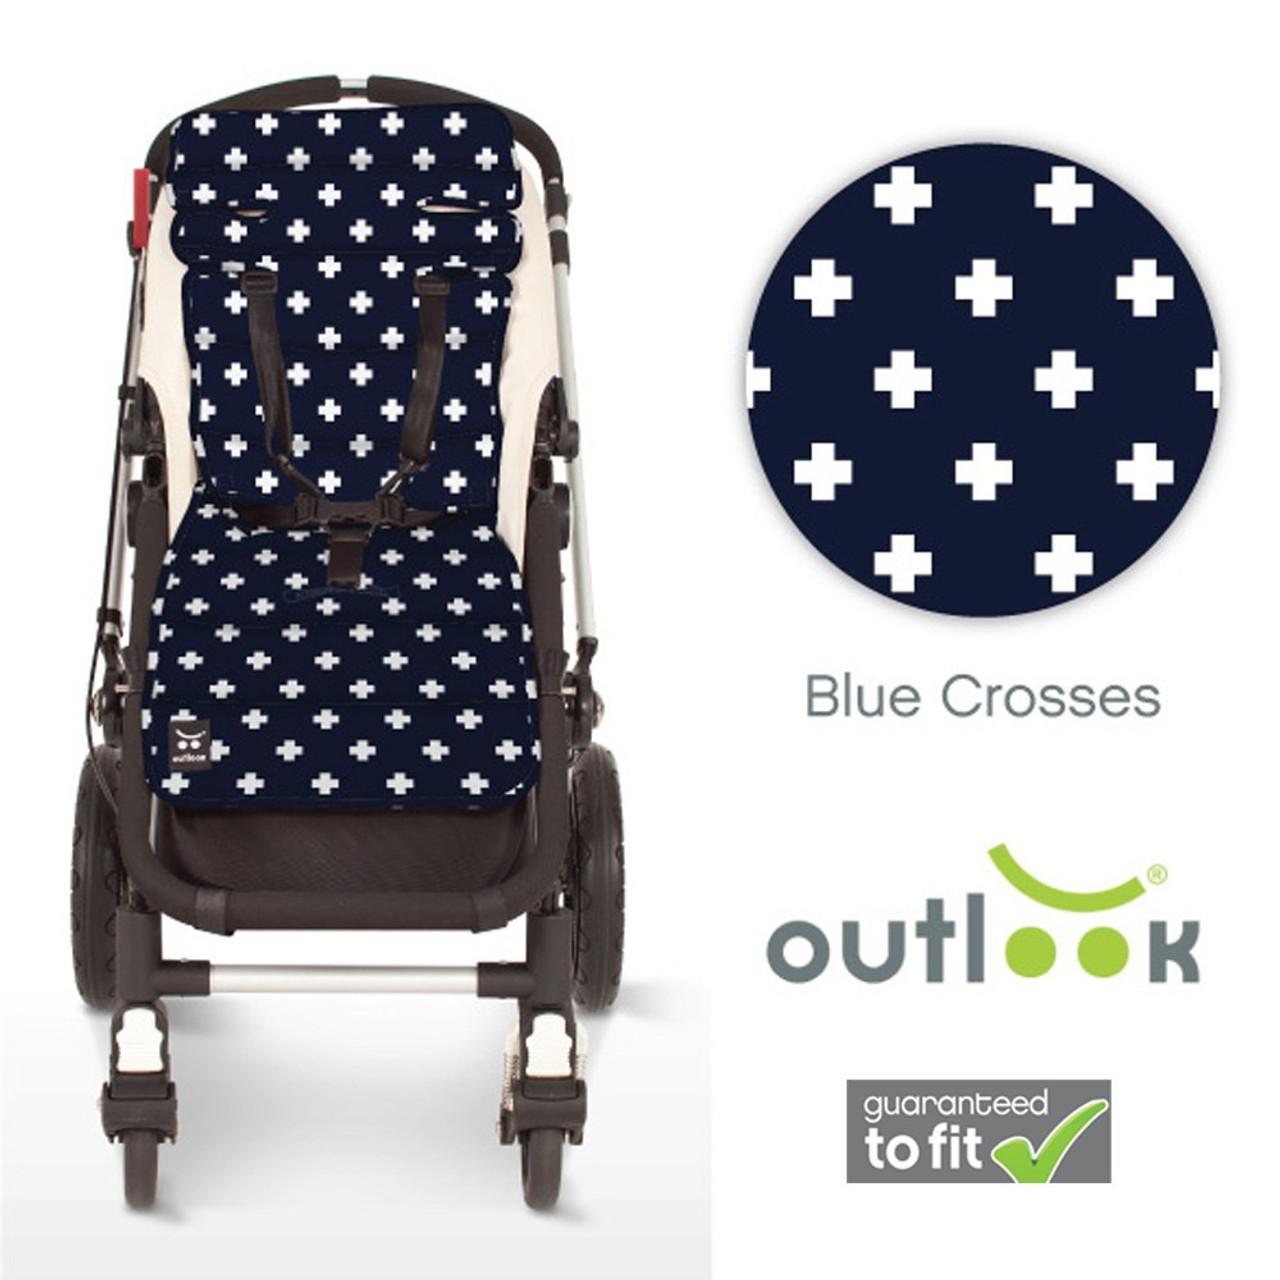 Outlook Pram Liner - NAVY BLUE CROSS